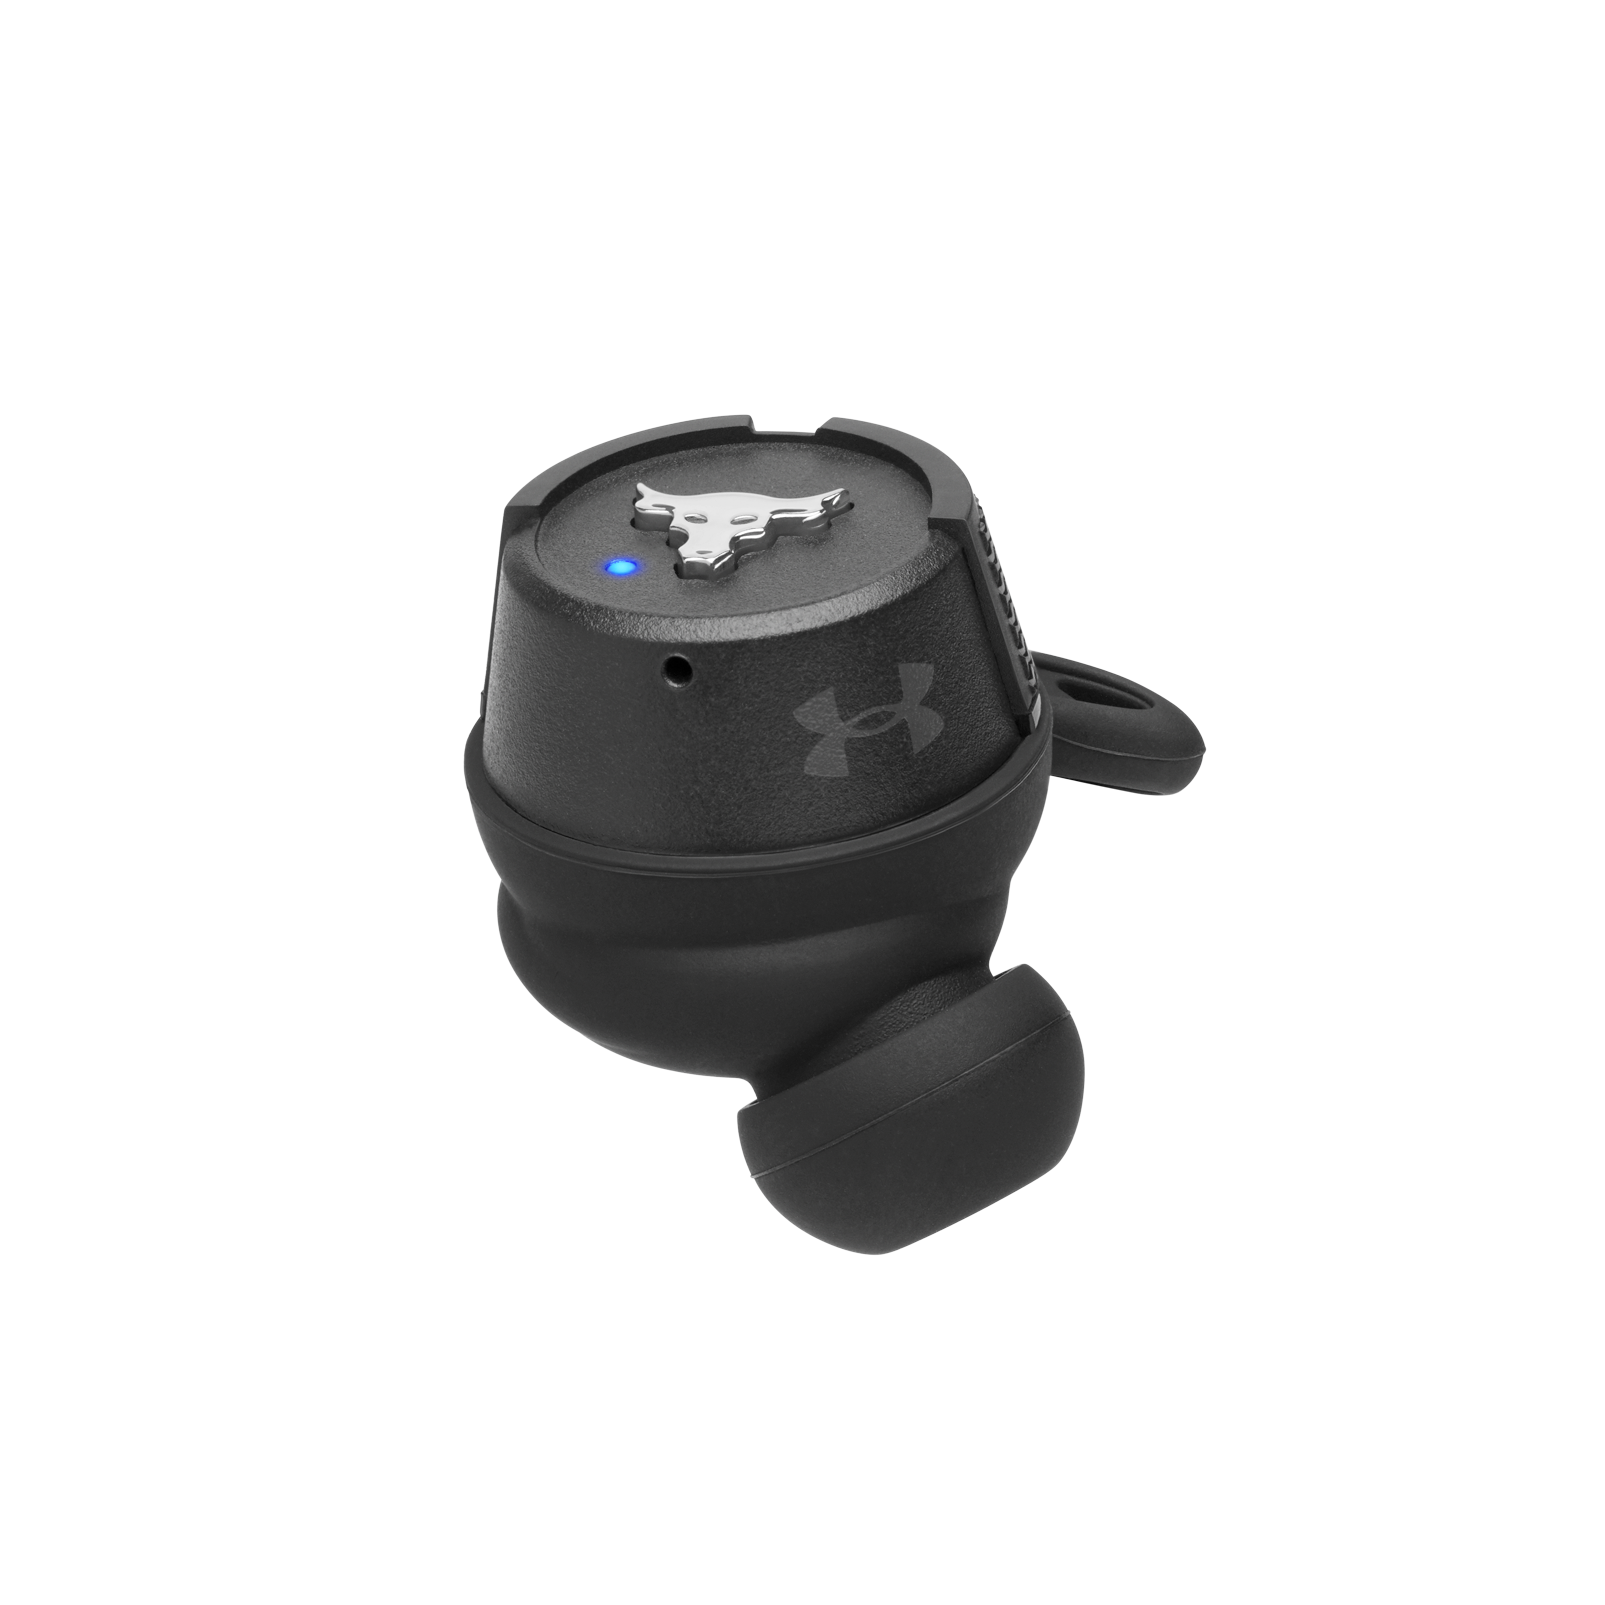 UA Project Rock True Wireless X - Engineered by JBL - Black - In-Ear Sport Headphones - Detailshot 4